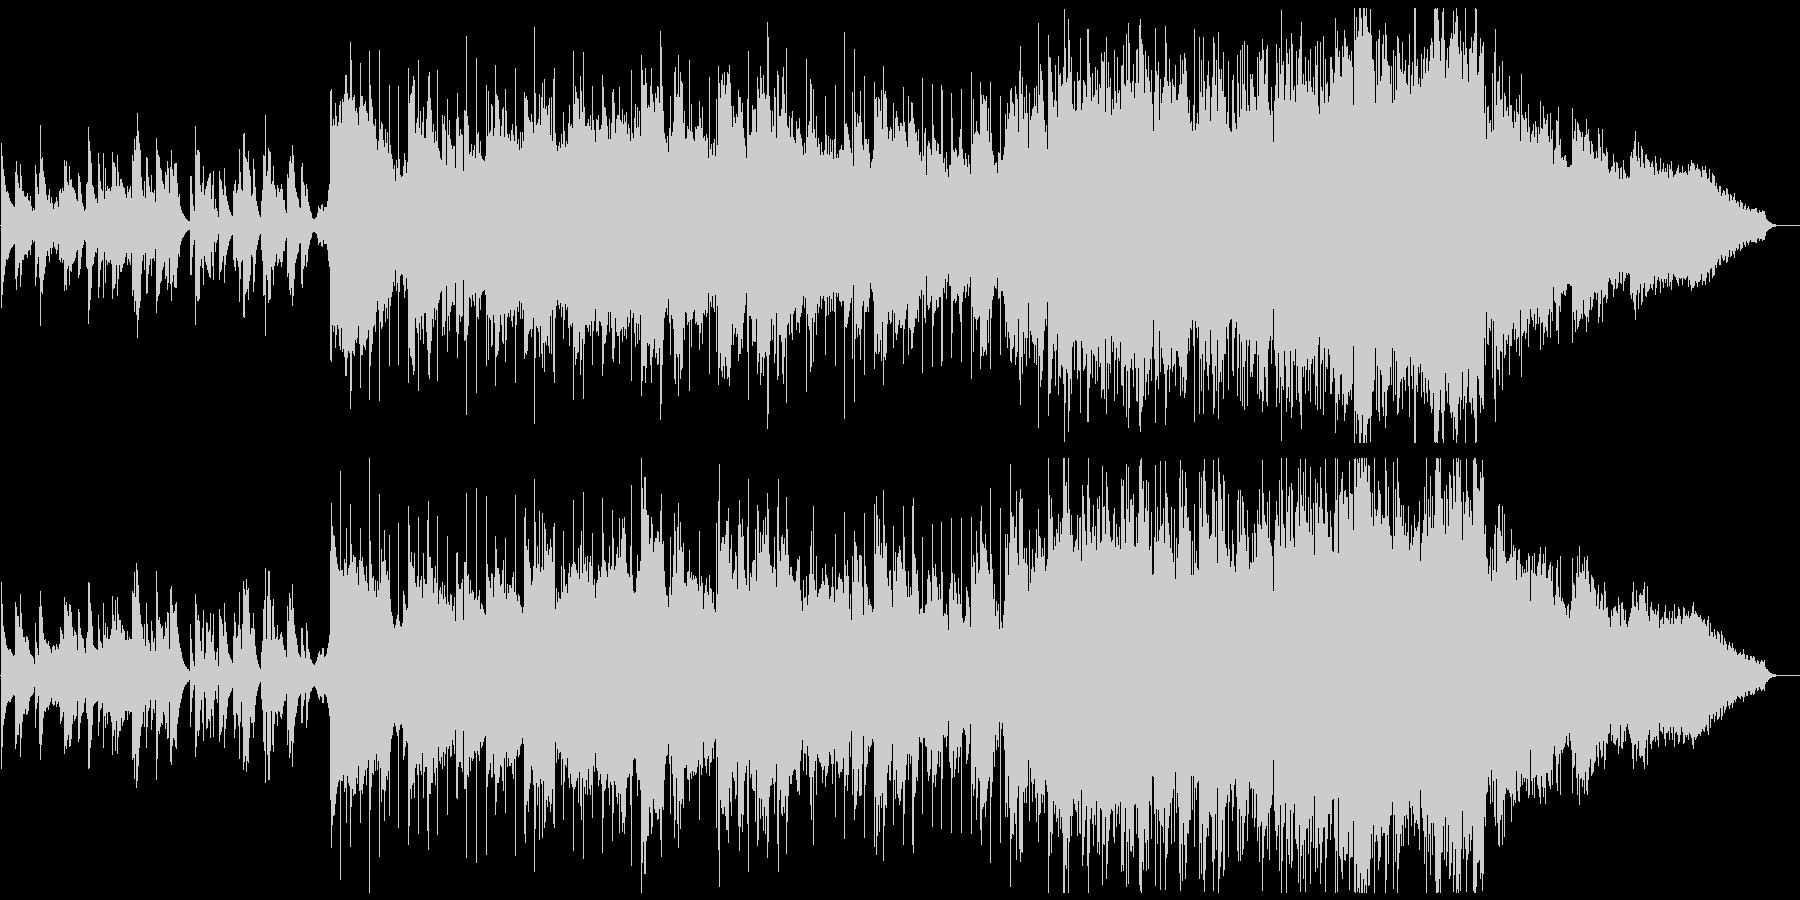 笛の音が心地よいヒーリングミュージックの未再生の波形